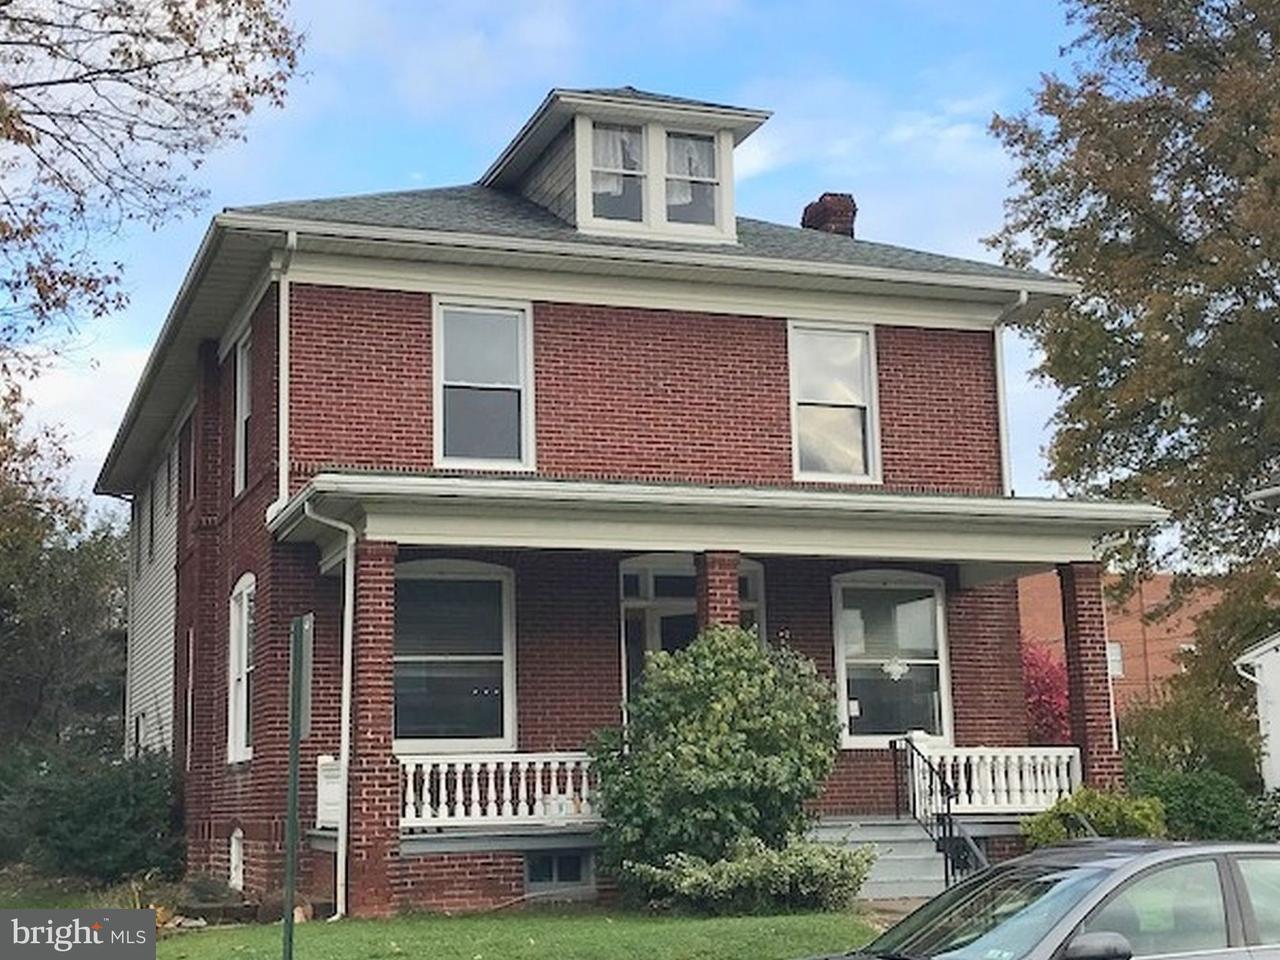 Частный односемейный дом для того Продажа на 429 FRANKLIN Street Shoemakersville, Пенсильвания 19555 Соединенные Штаты